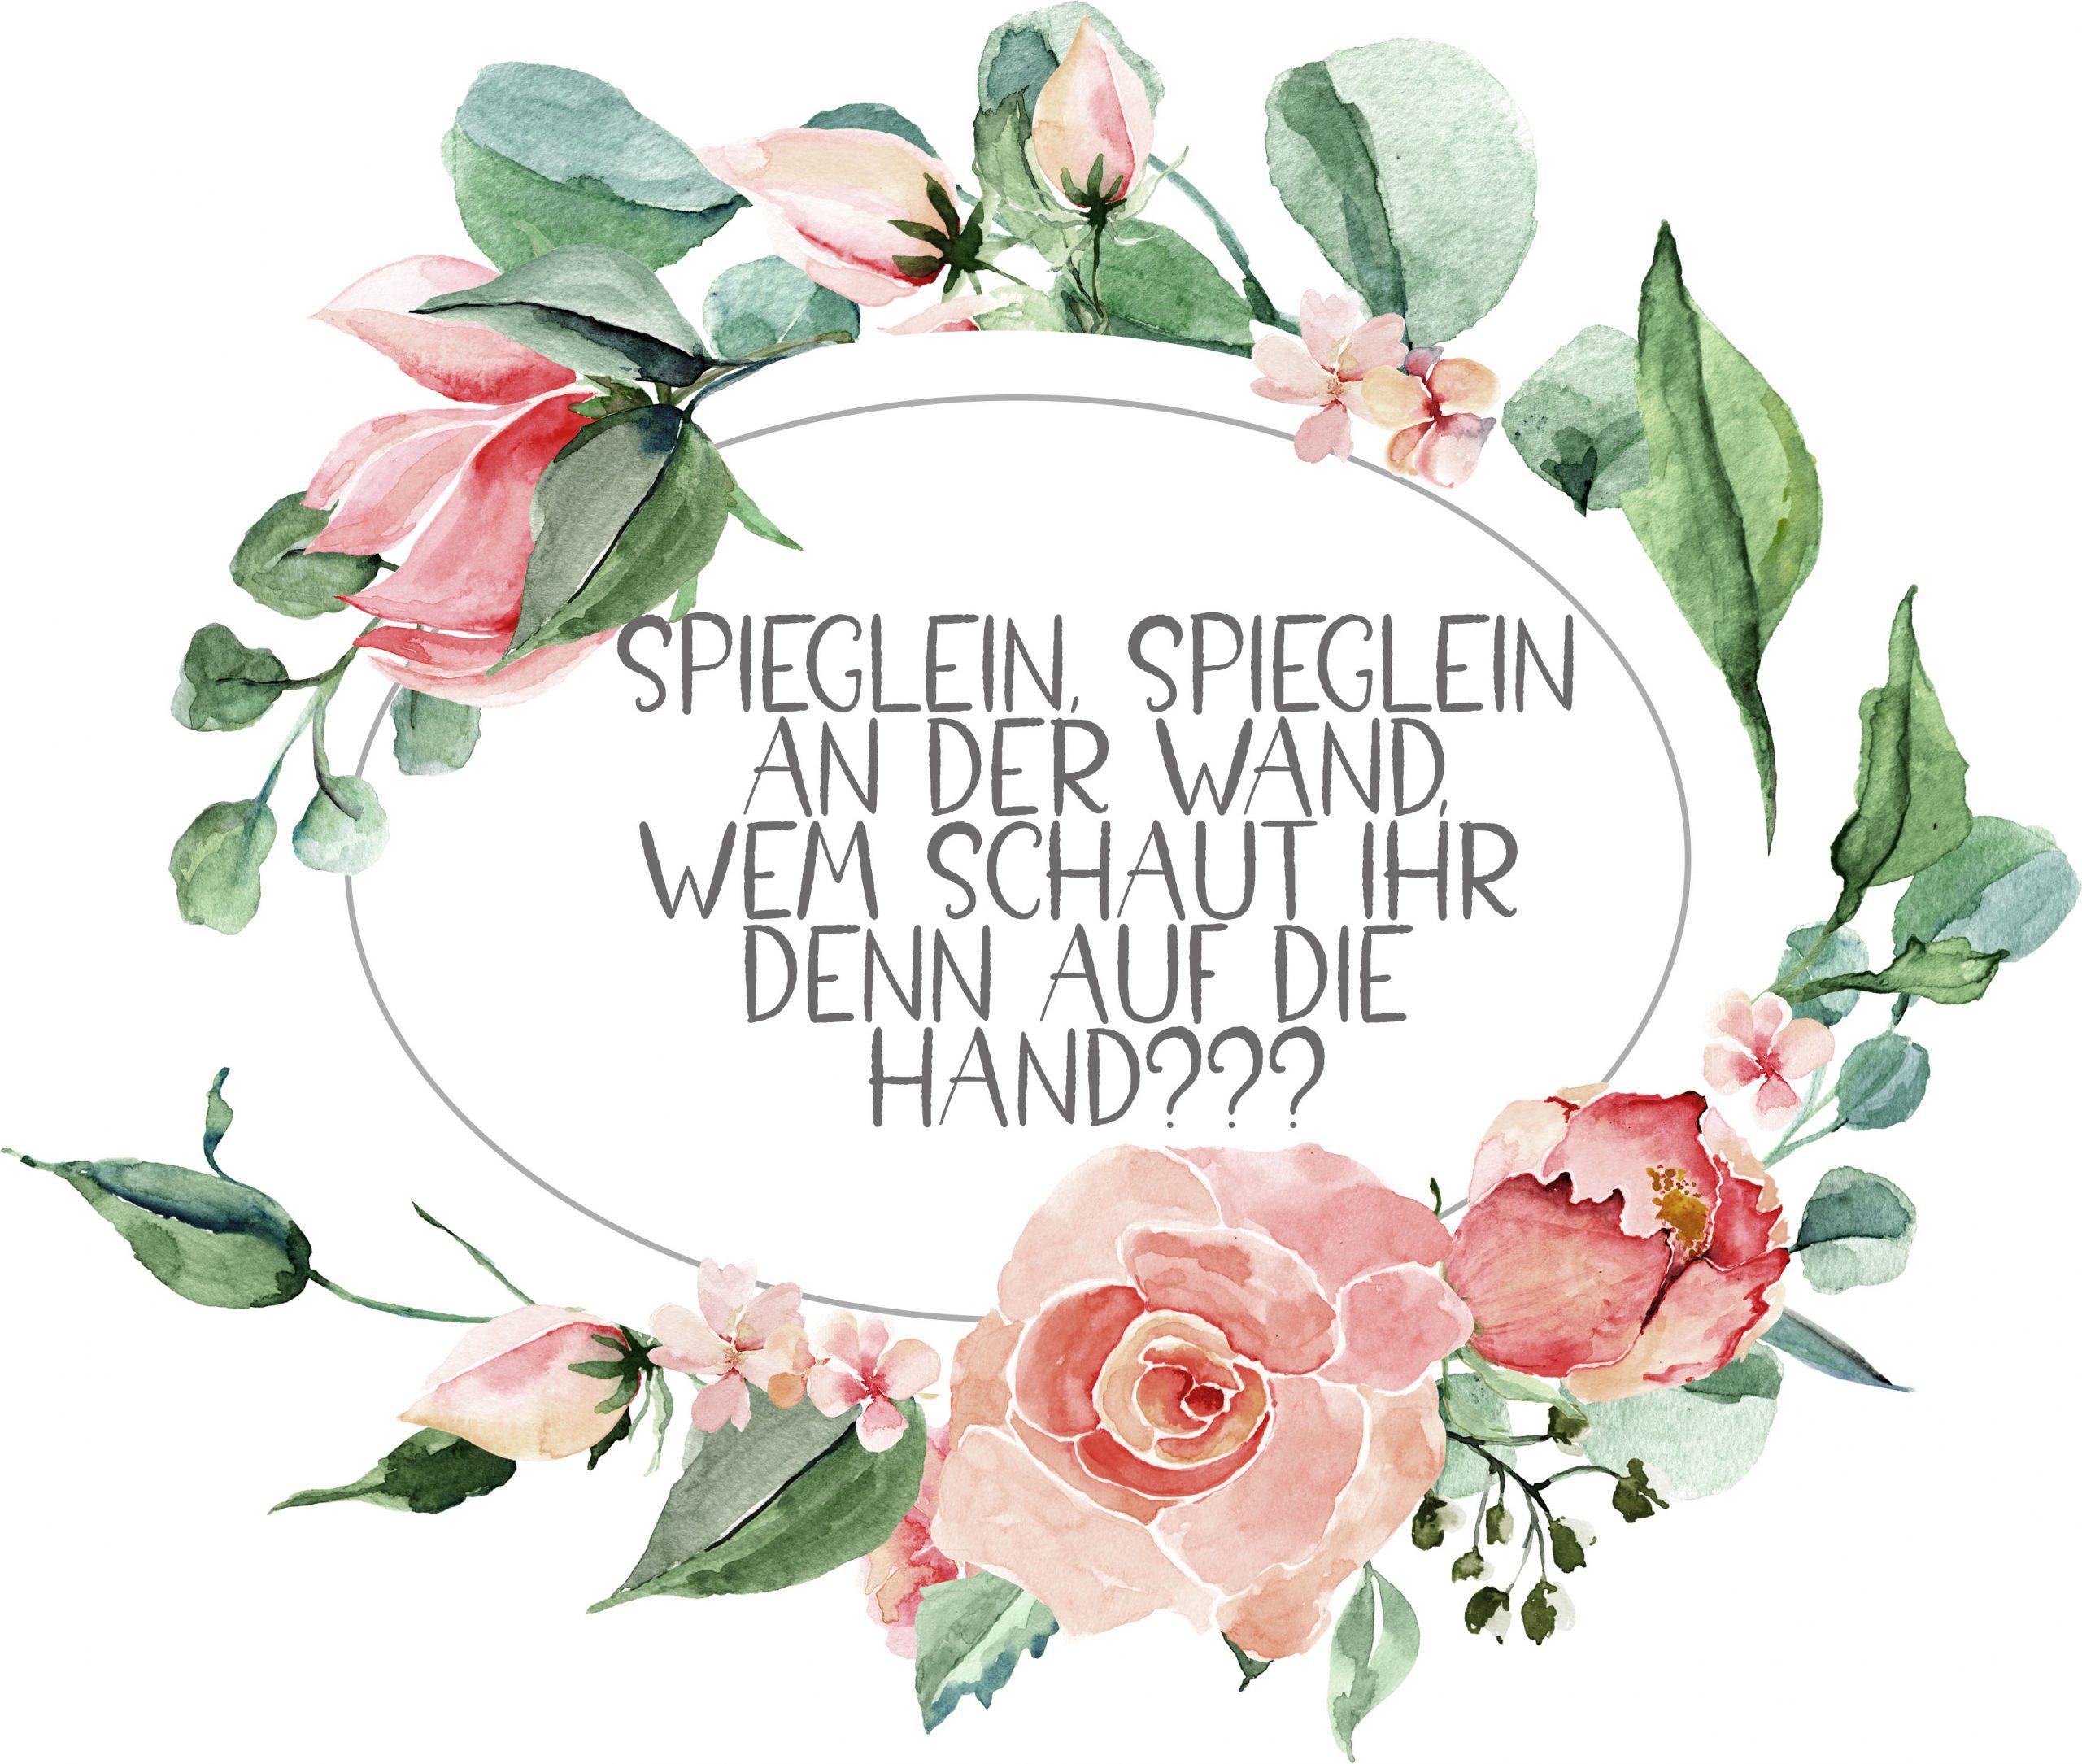 Spieglein, Spieglein an der Wand – wem schaut ihr denn auf die Hand???